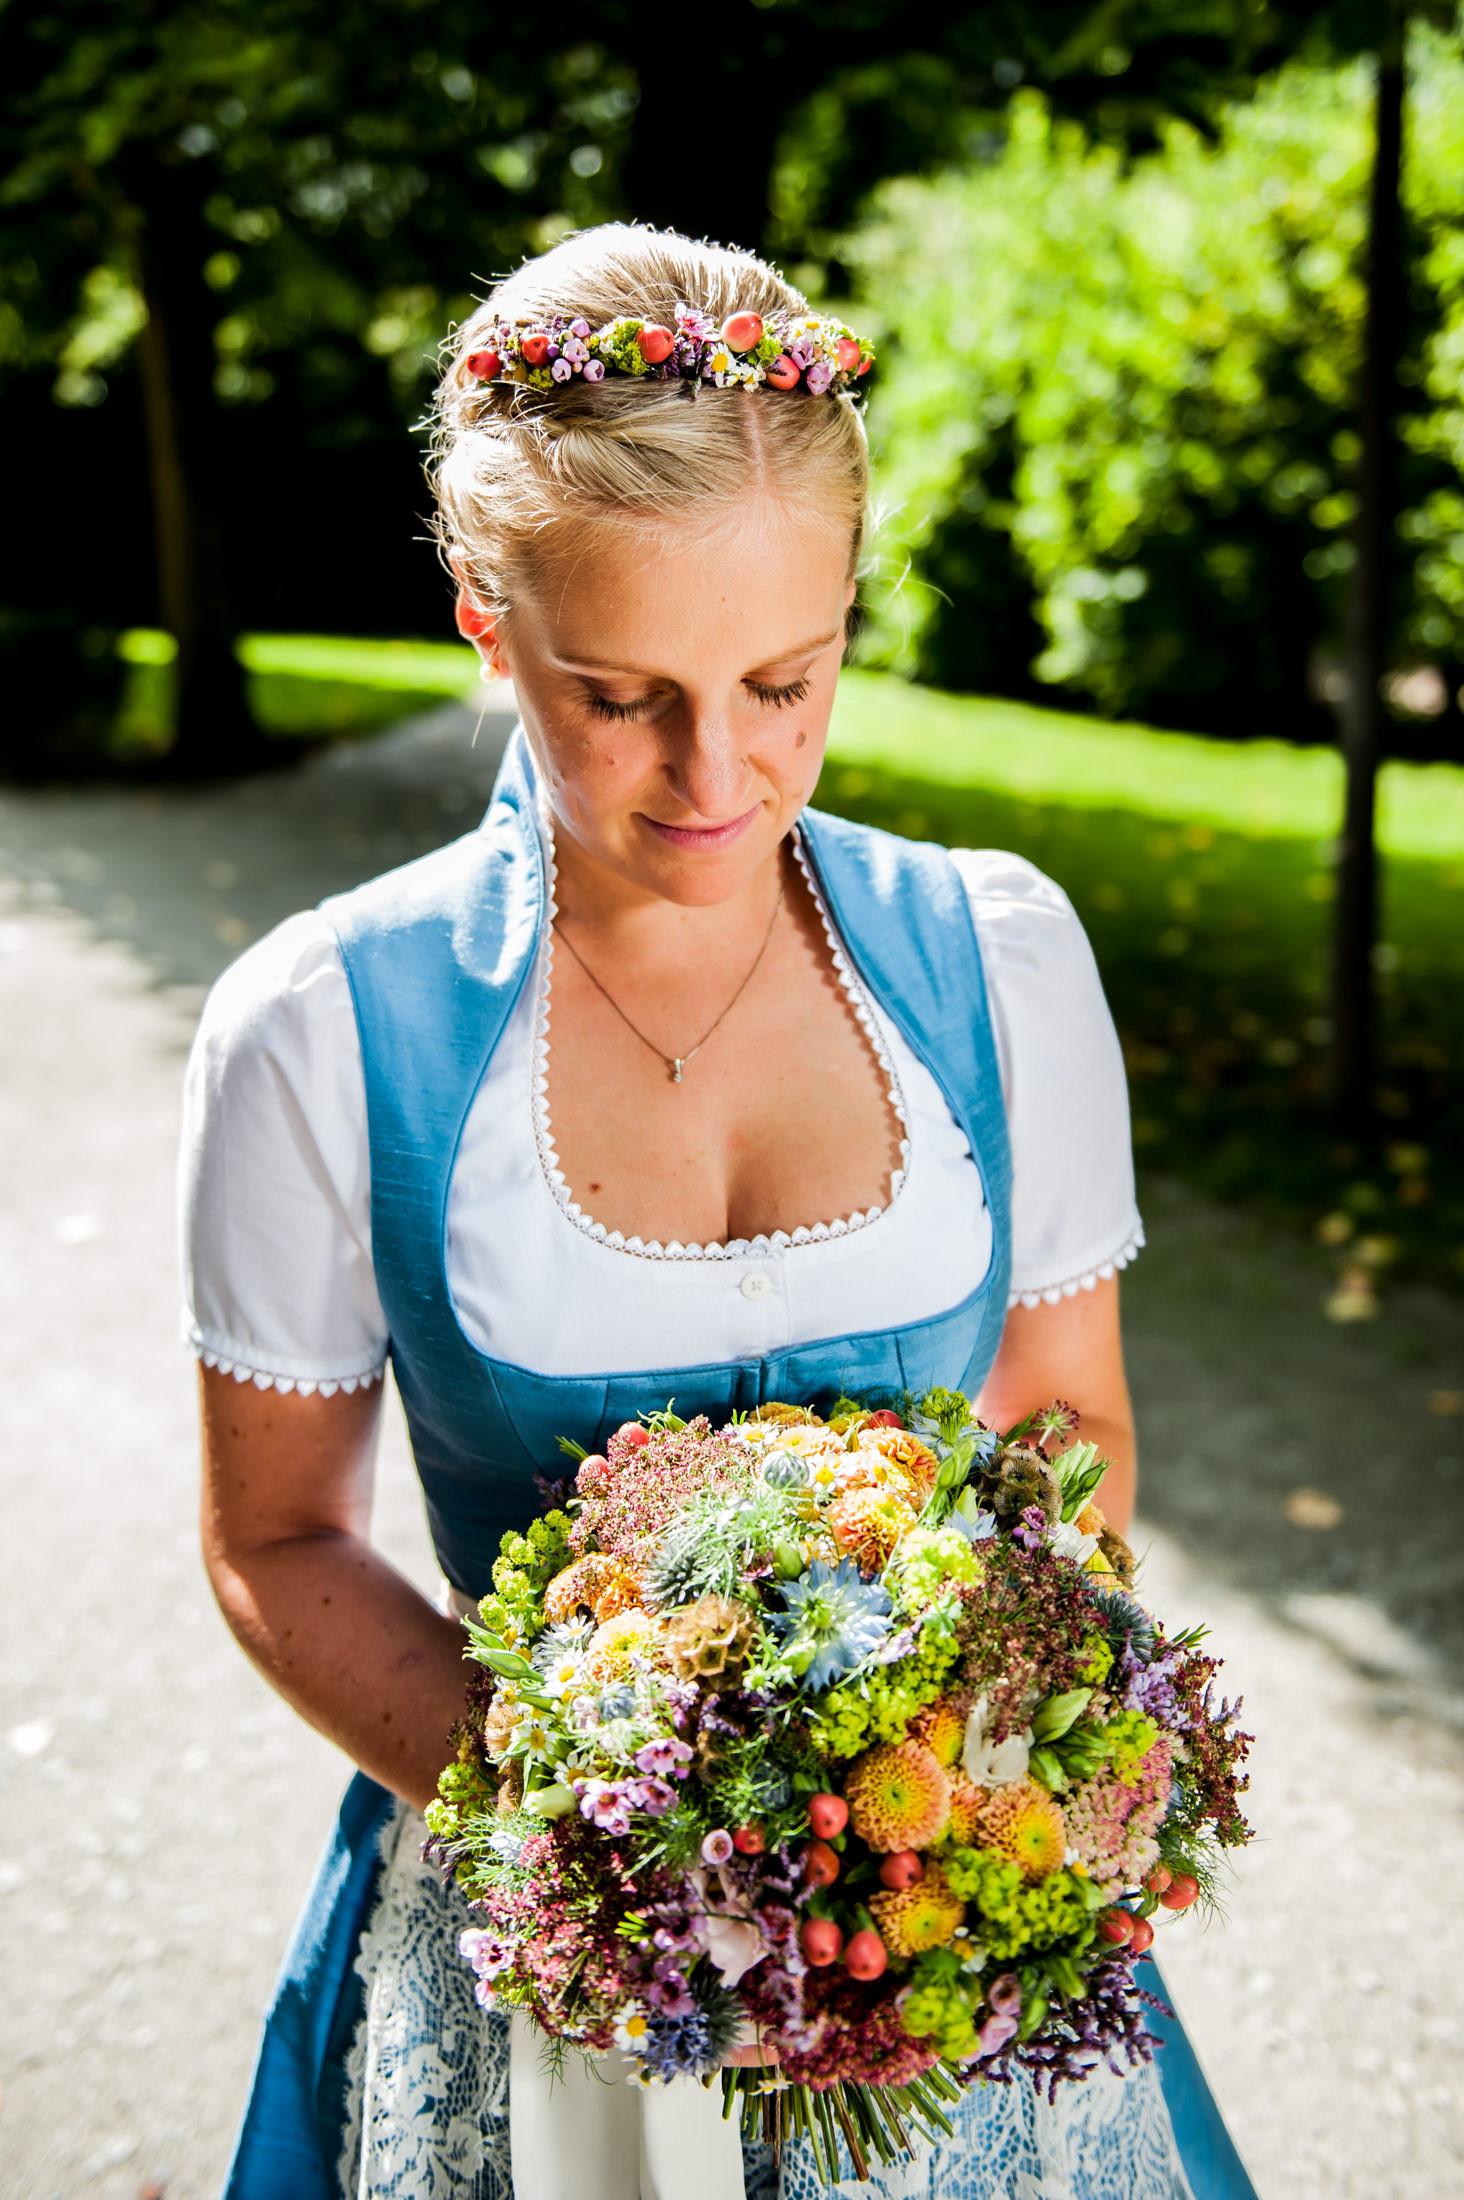 20 Ideen Für Hochzeit Zu Zweit Arrangement - Beste